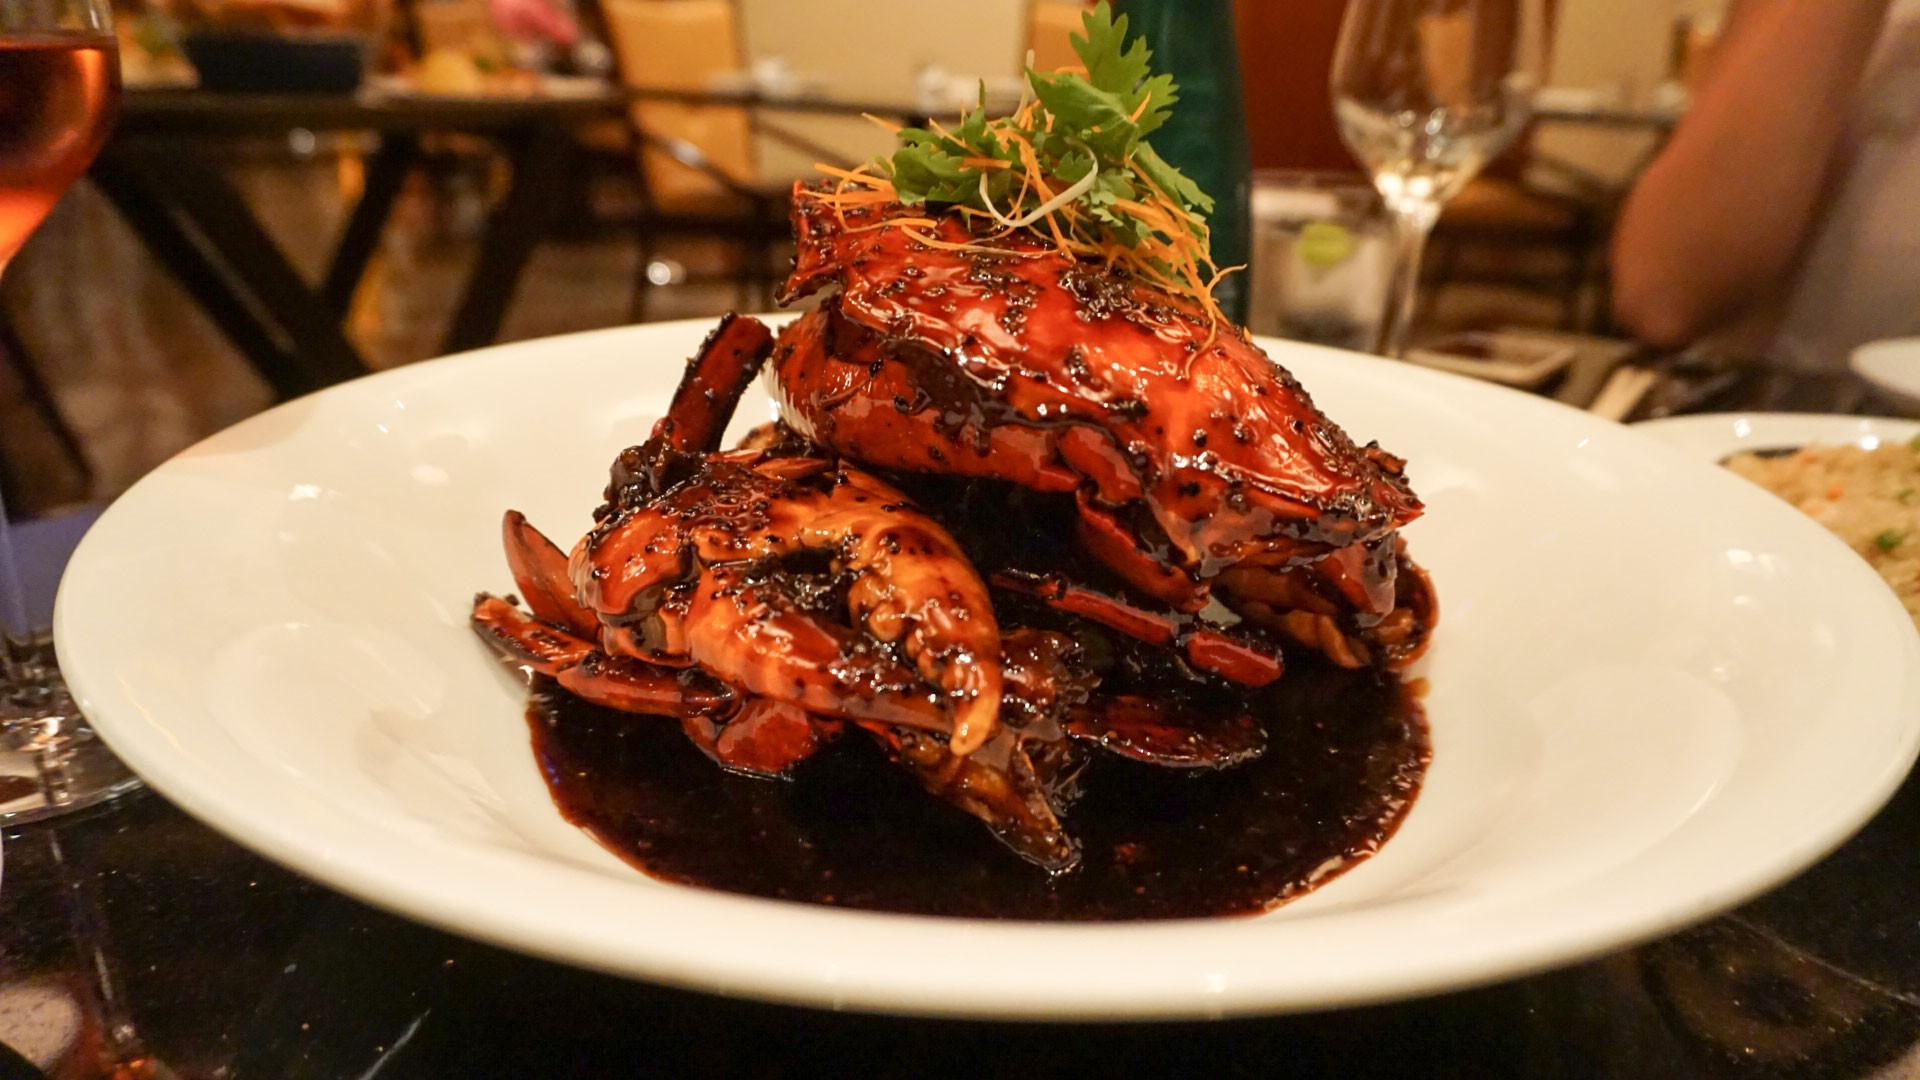 7 món ăn đắt đỏ nhất chỉ có tại Dubai - Cua nhện